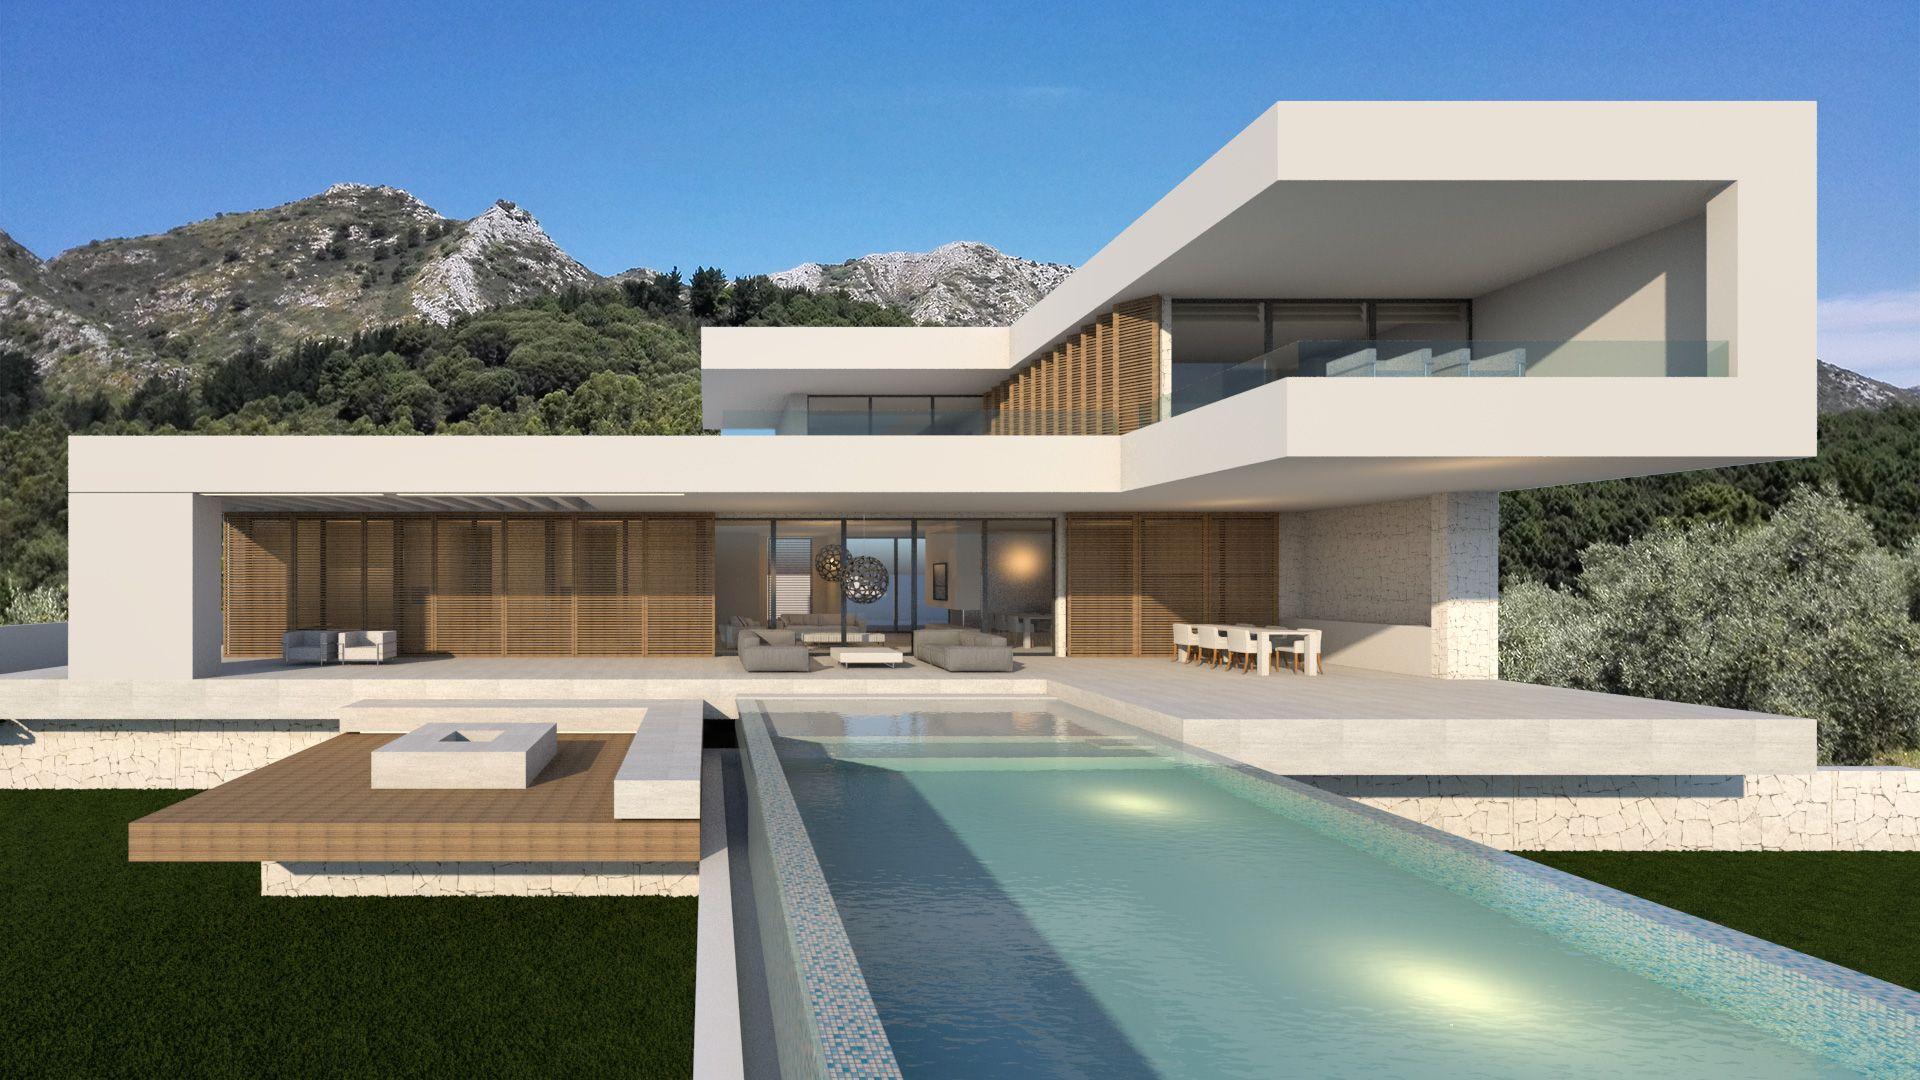 Flying house modern villa design l u u r y h o m e s